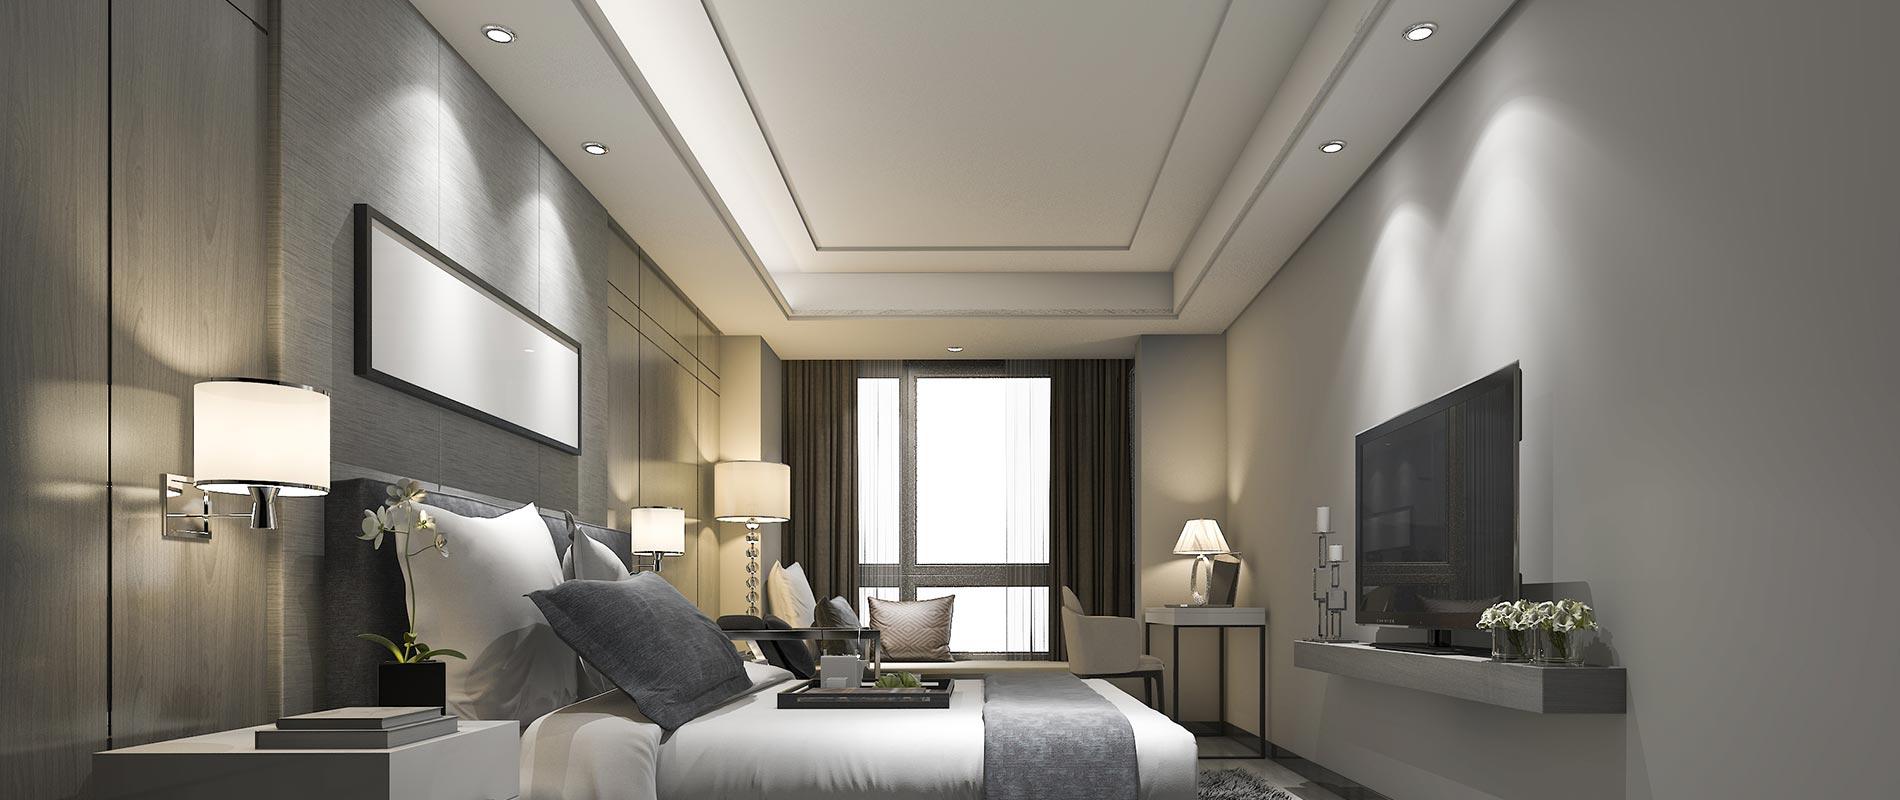 installation-plafond-tendu-belgique